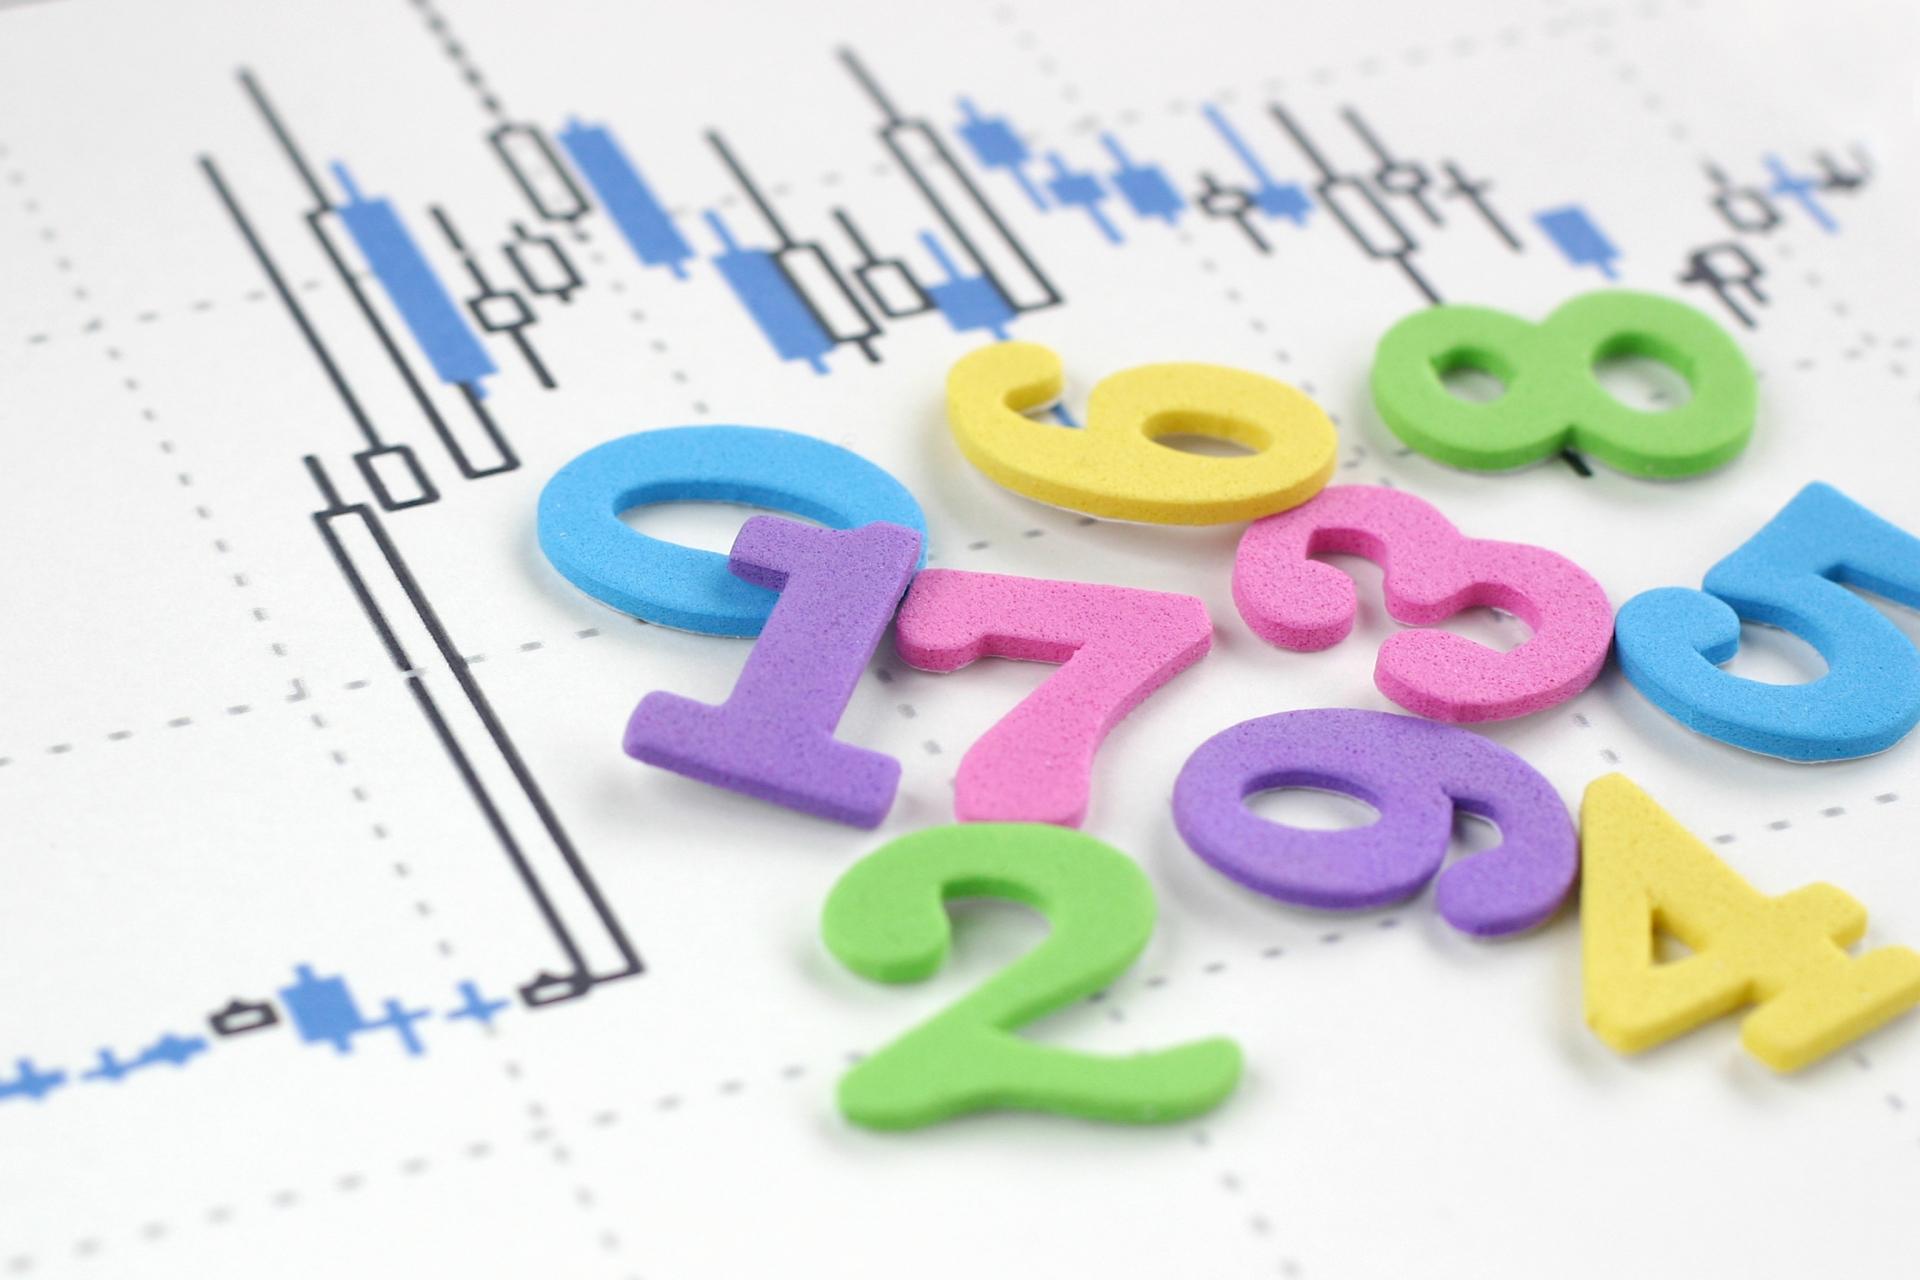 老後の資金は株で貯められる?【株の仕組みやリスクをお伝えします】